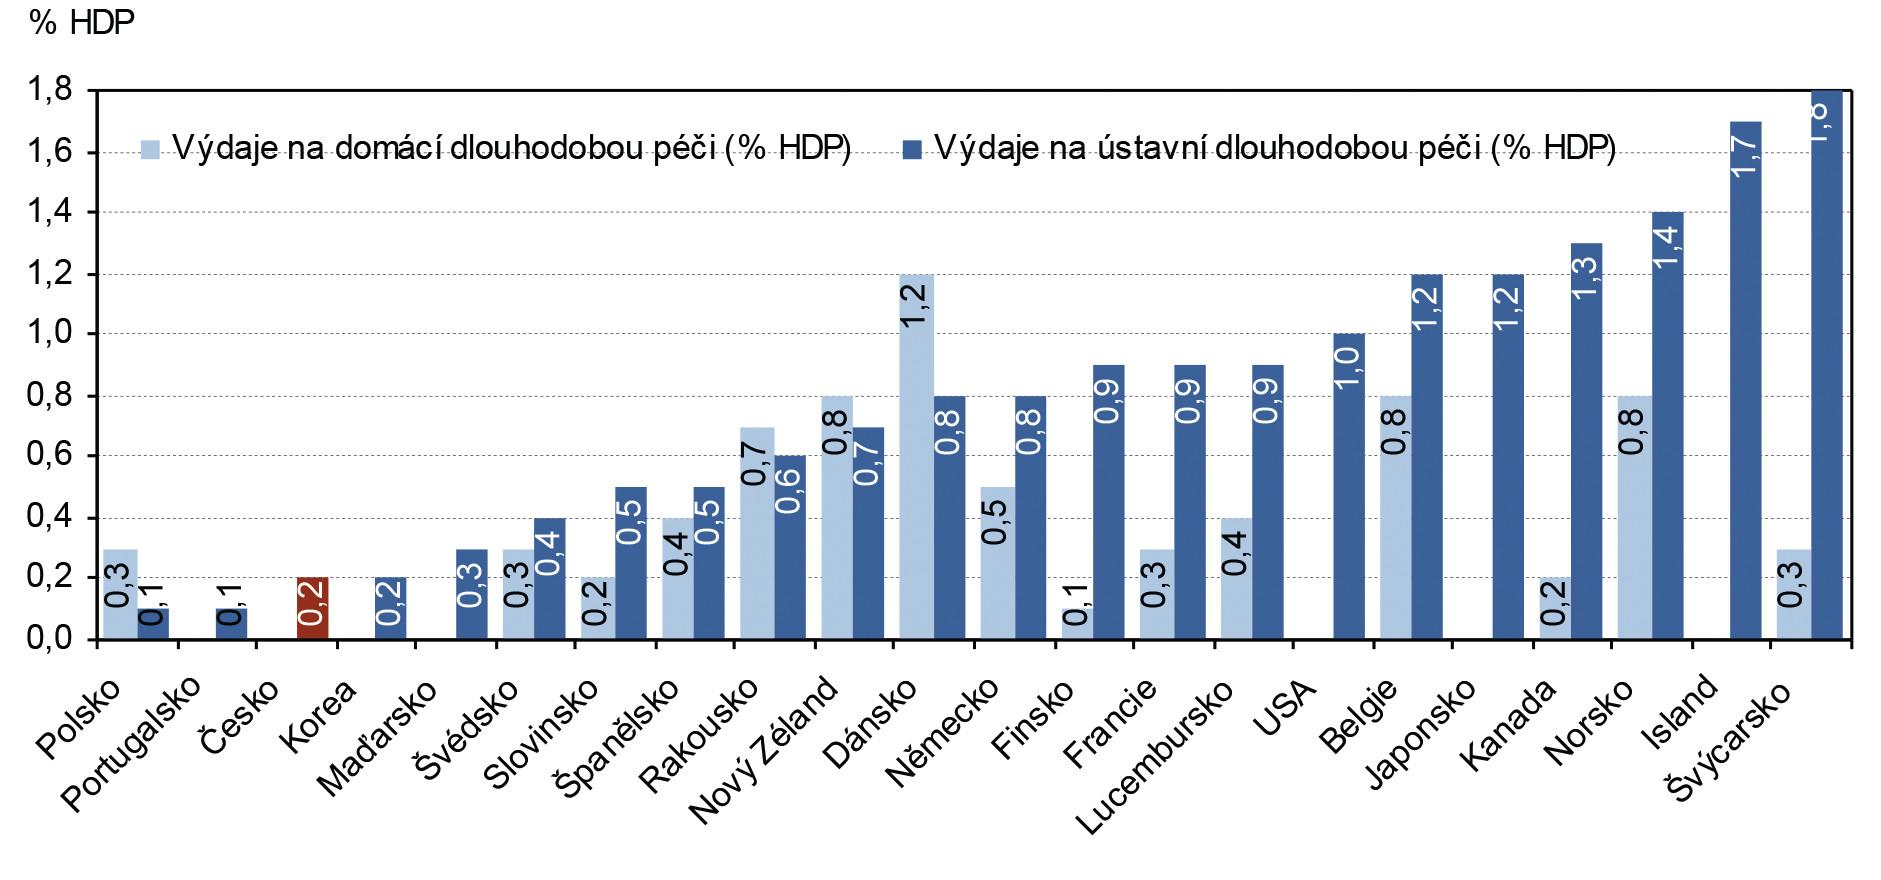 Podíl výdajů na ústavní a na domácí dlouhodobou péči na celkovém HDP v roce 2008 Pozn.: Domácí péče zahrnuje výdaje na denní péči. Data pro Dánsko, Japonsko a Švýcarsko jsou pro rok 2007; data pro Portugalsko pro rok 2006 a data pro Lucembursko pro rok 2005. Data pro Polsko nezahrnují výdaje na infrastrukturu, které činí 0,25 % HDP (2007). Data za Českou republiku zahrnují jen výdaje v rámci rezortu zdravotnictví. Výdaje na dlouhodobou péči v rezortu sociálních věcí jsou odhadovány na 1 % HDP (Zdroj: Ministerstvo zdravotnictví ČR, 2009). Zdroj: OECD Health Data 2010